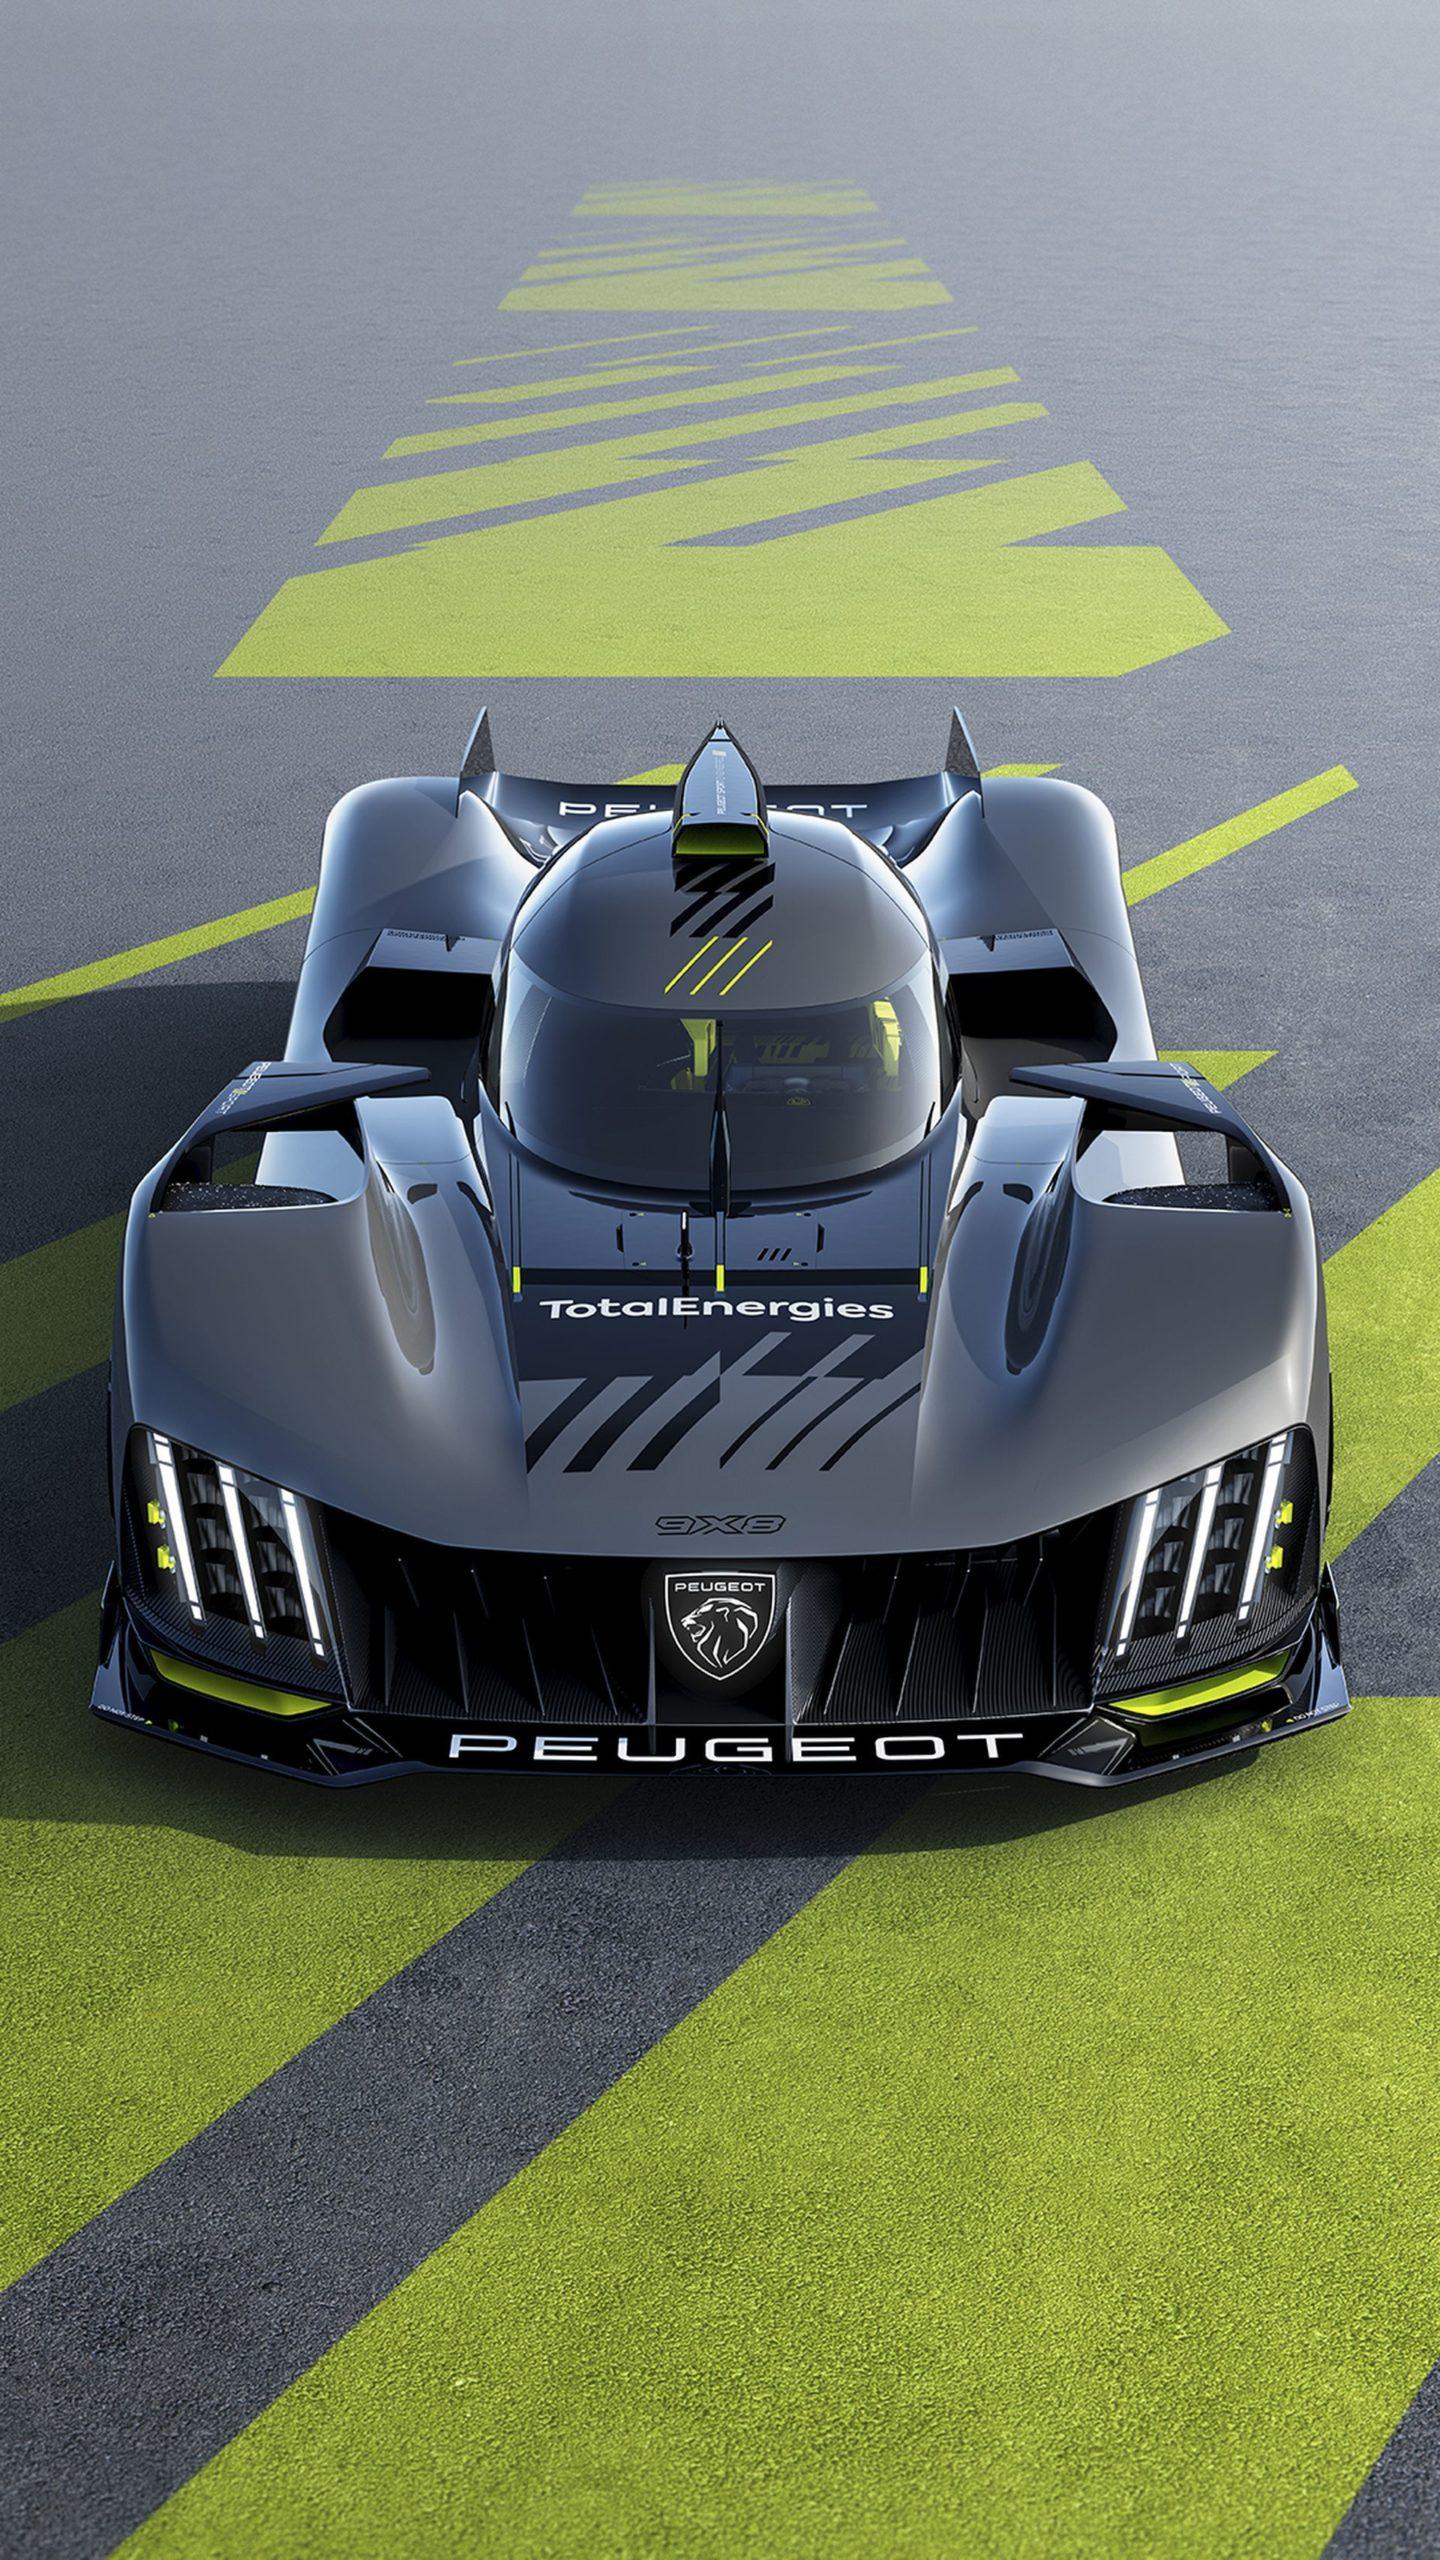 Peugeot 9x8 9